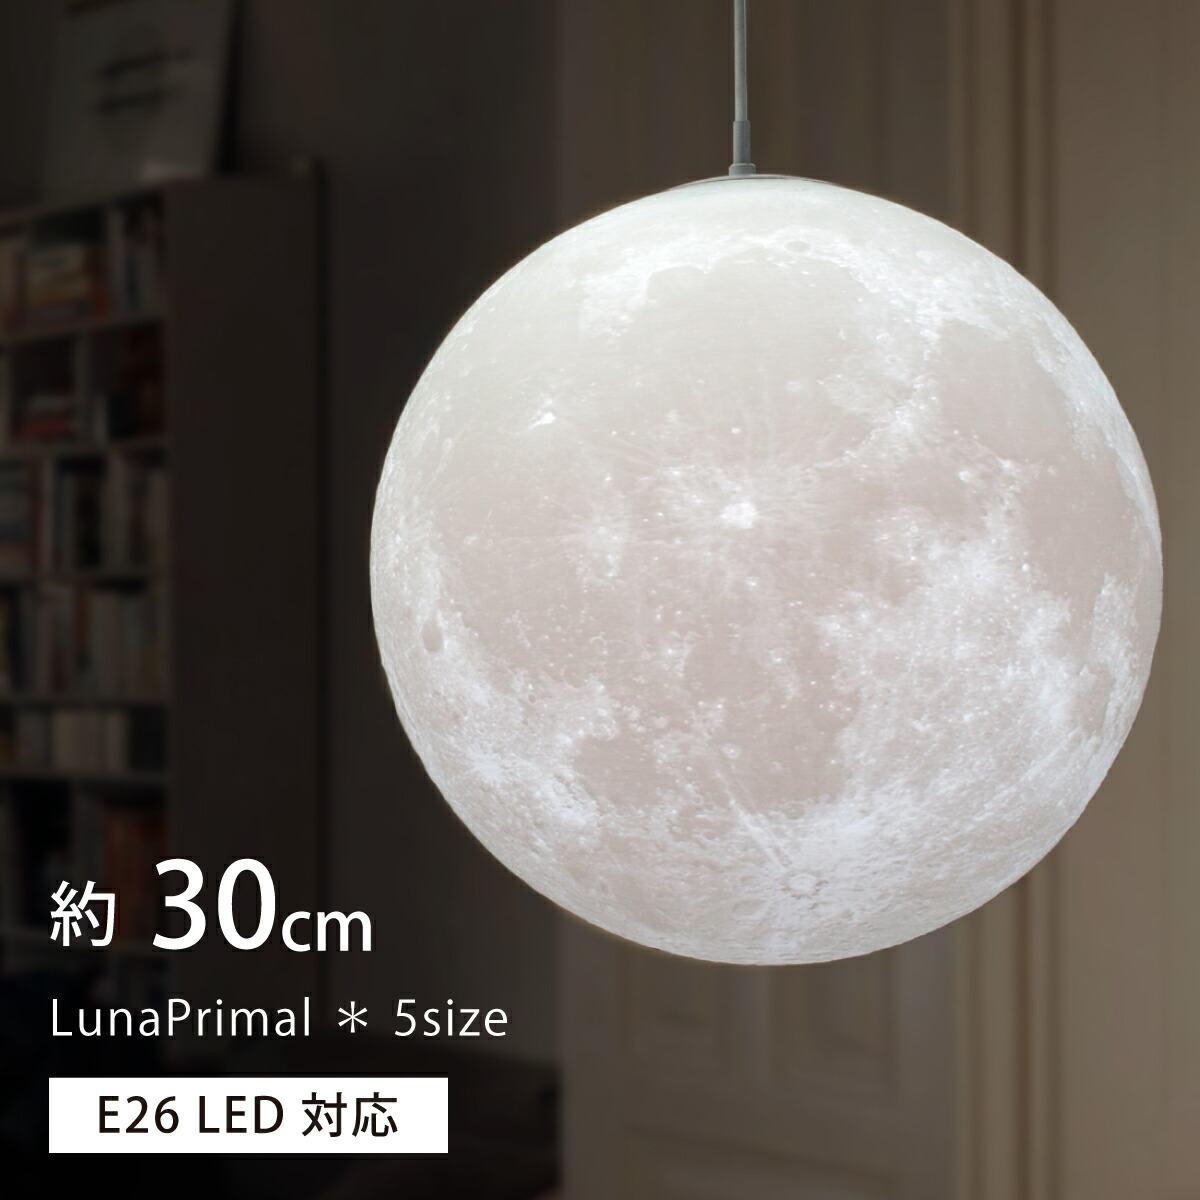 月ペンダントライト30㎝